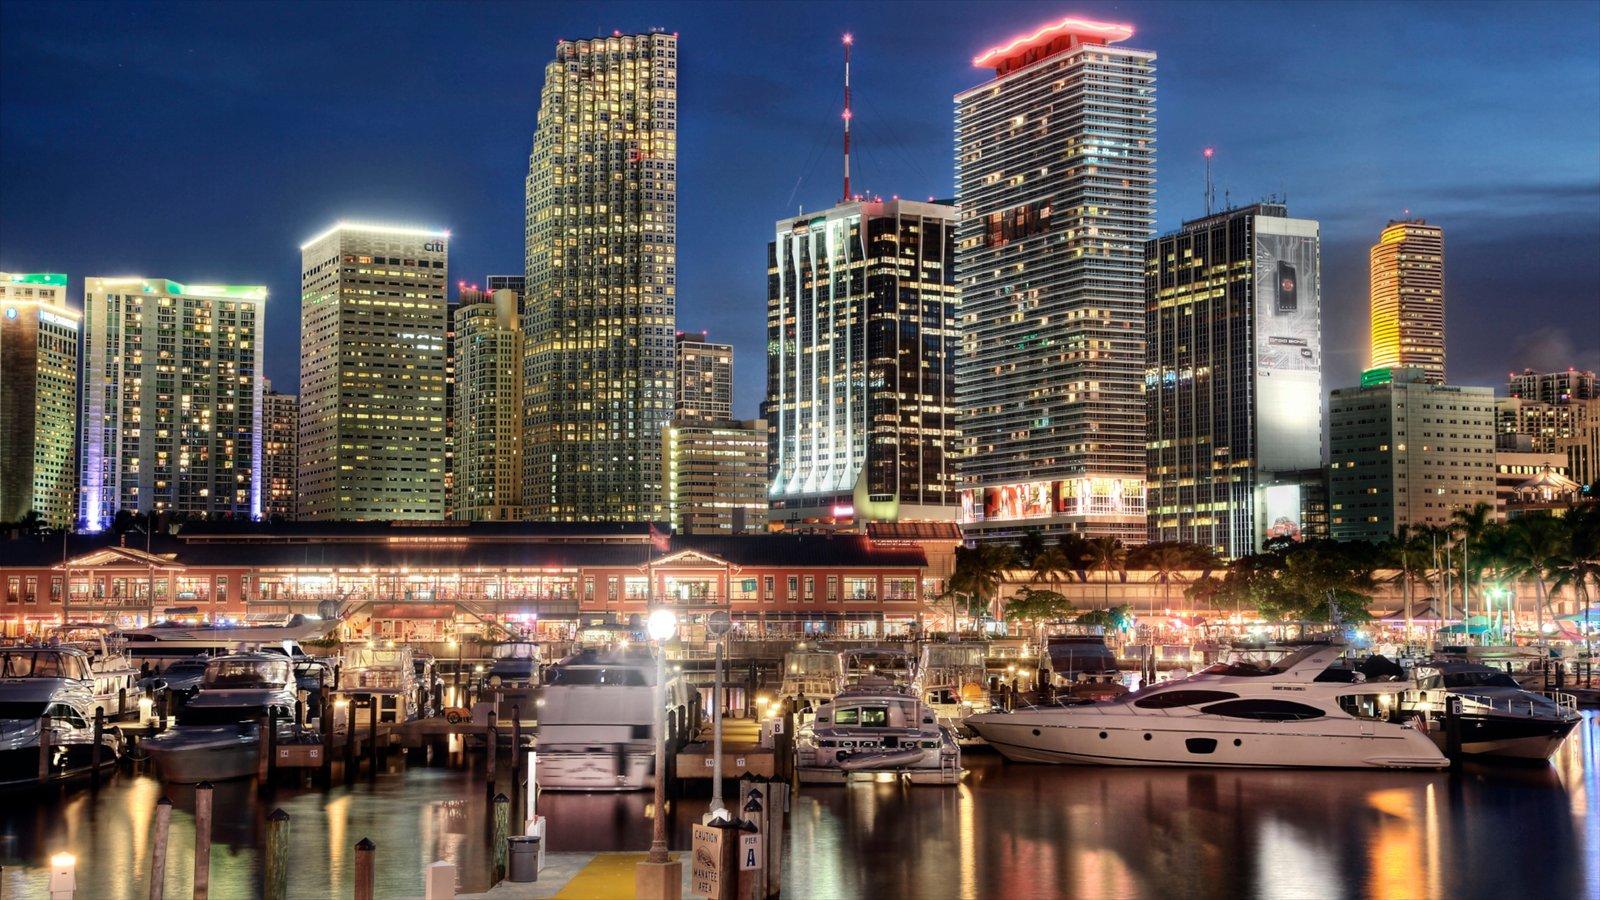 Miami que inclui paisagens da cidade, cenas noturnas e uma cidade